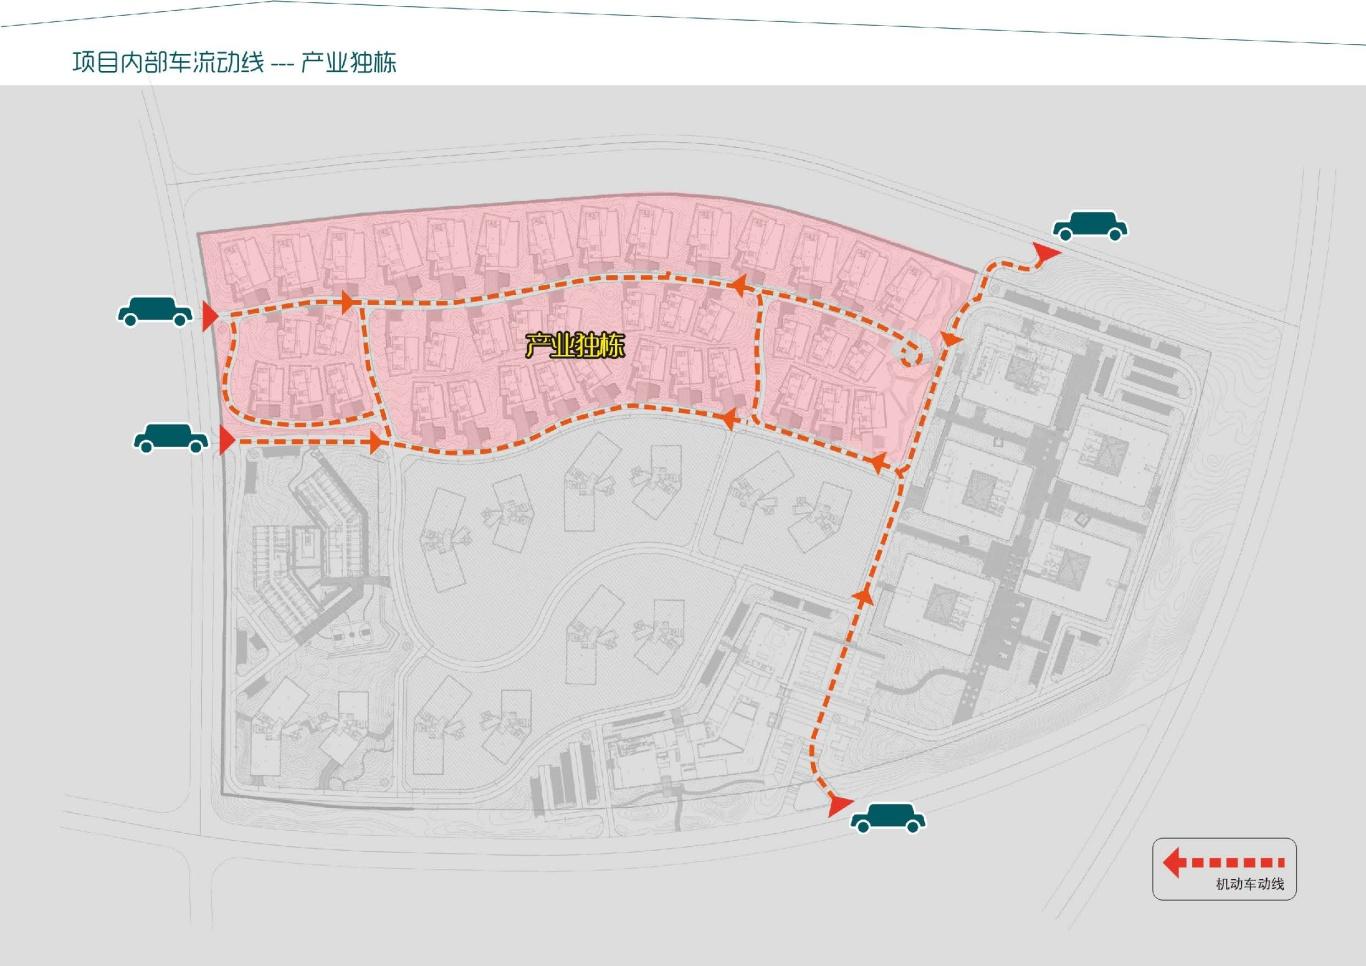 大连泰达慧谷开发区导视系统设计图9